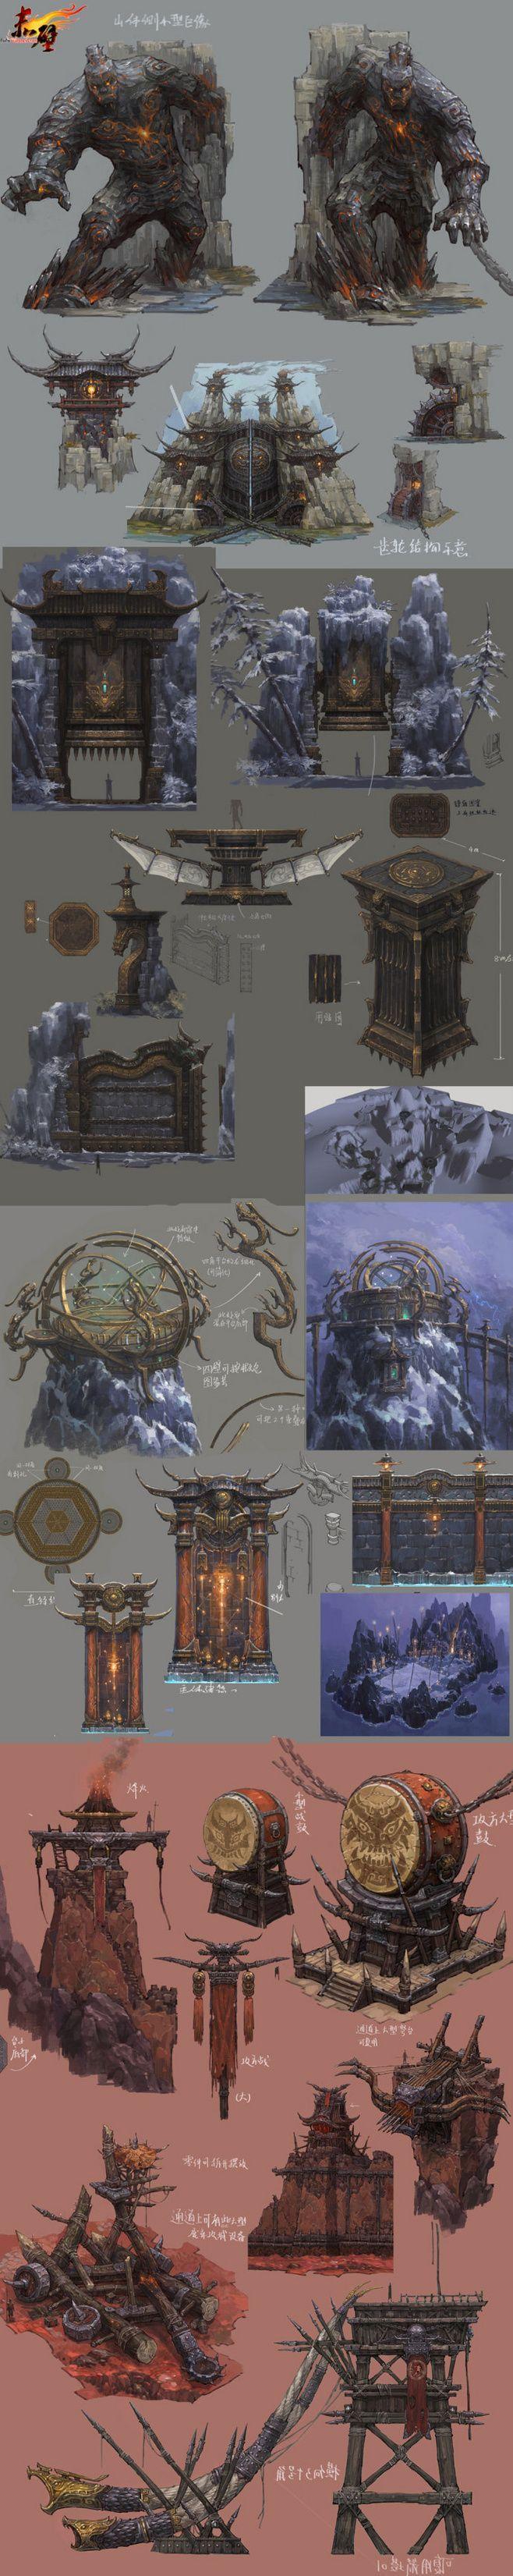 Dios escena de las obras de instructor seminario pintura originales originales de la pintura!